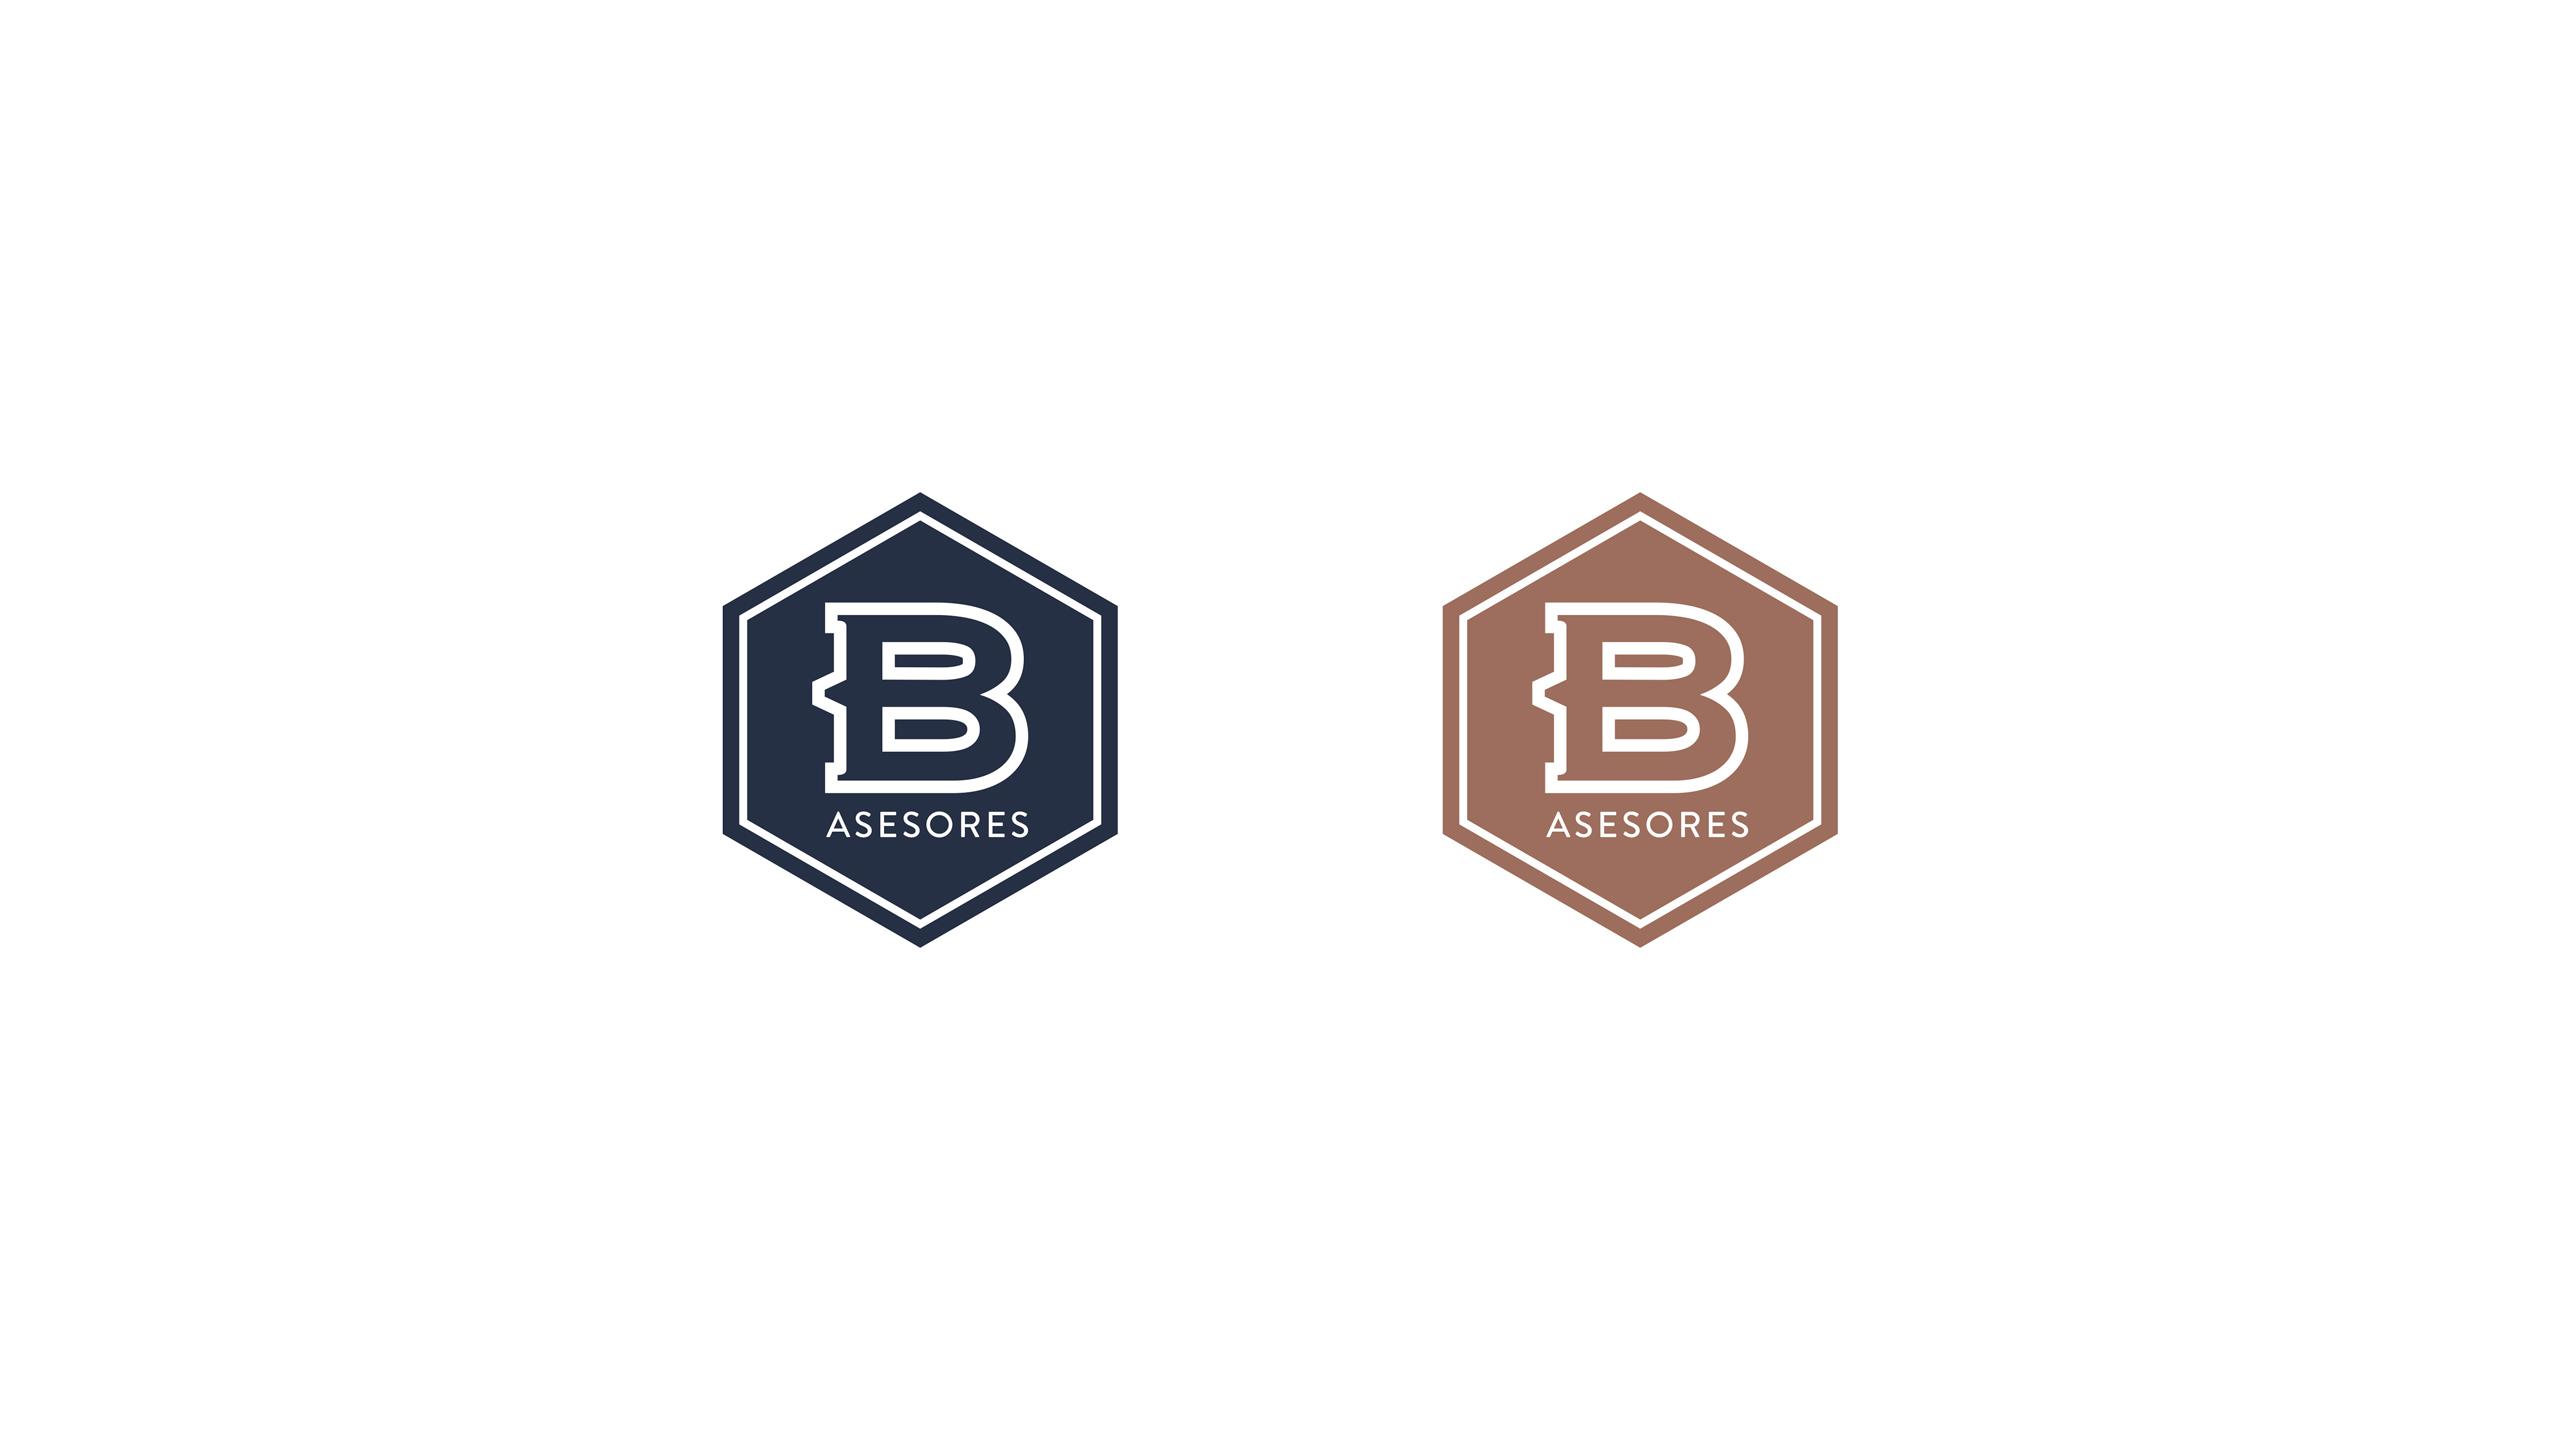 Logotipo secundario sobre fondo blanco Benayas Asesores Rediseño de identidad corporativa